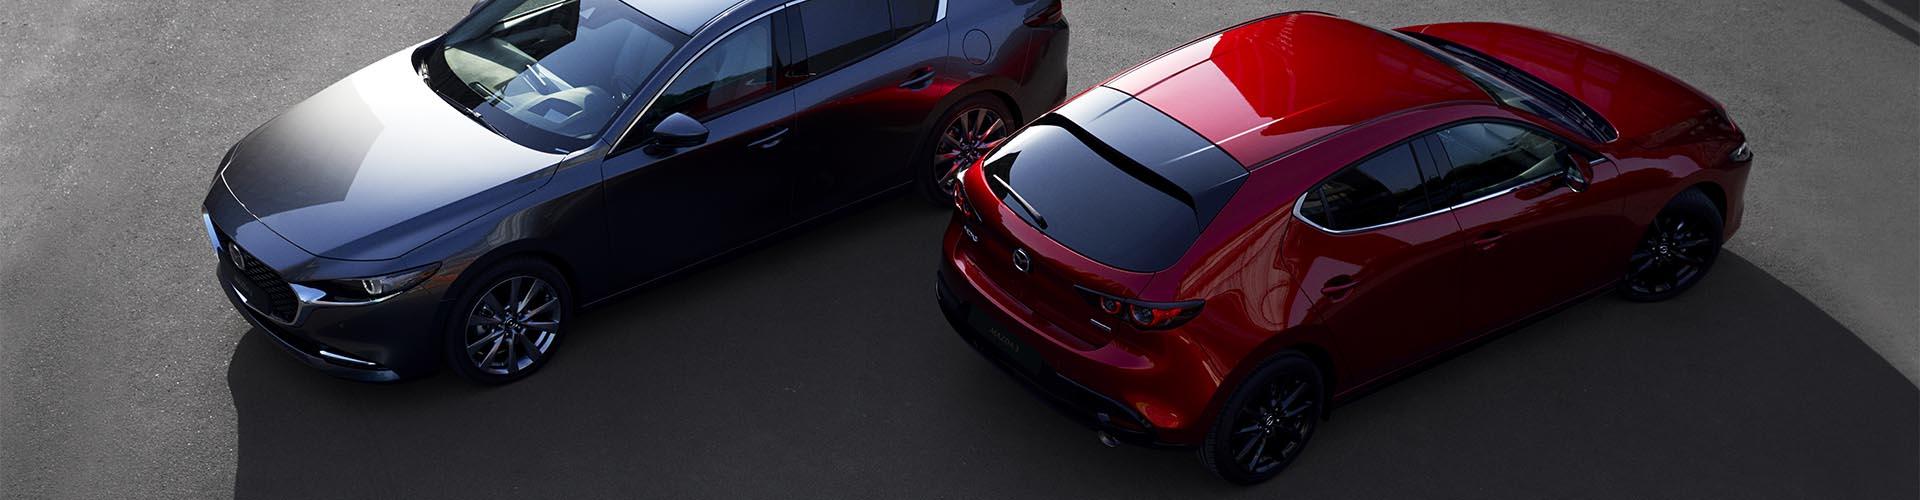 Mazda 3 Modell 2019